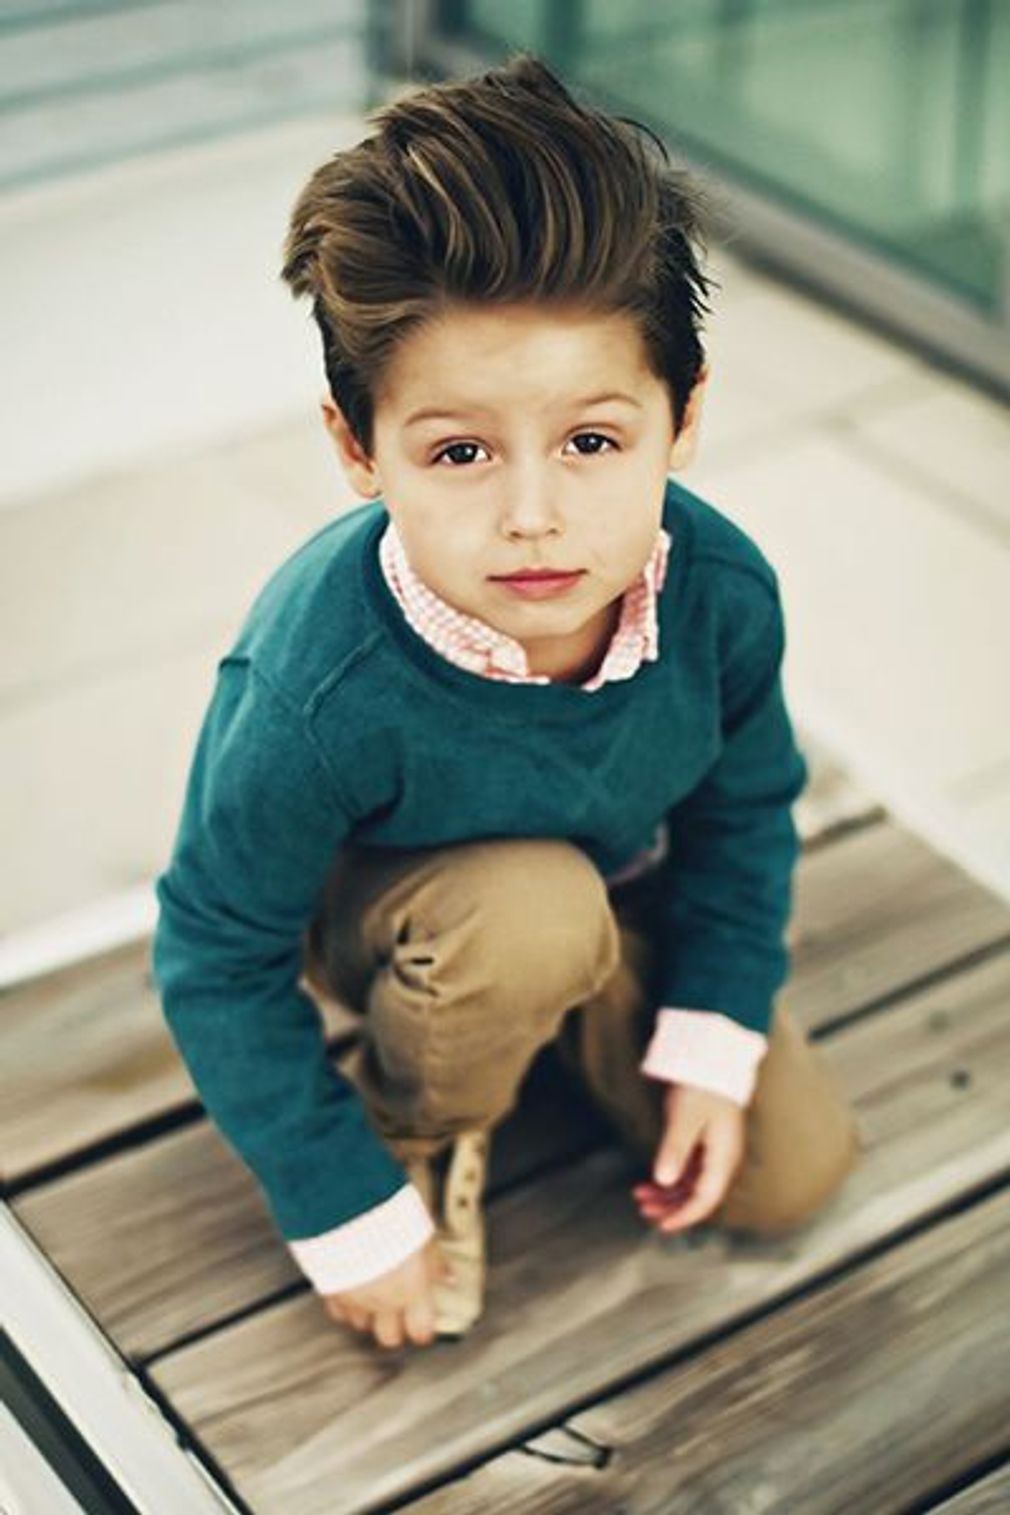 Coupe garçon : coupe garçon modèle avec dégradé en 2020 | Enfants élégants, Couture enfant et ...